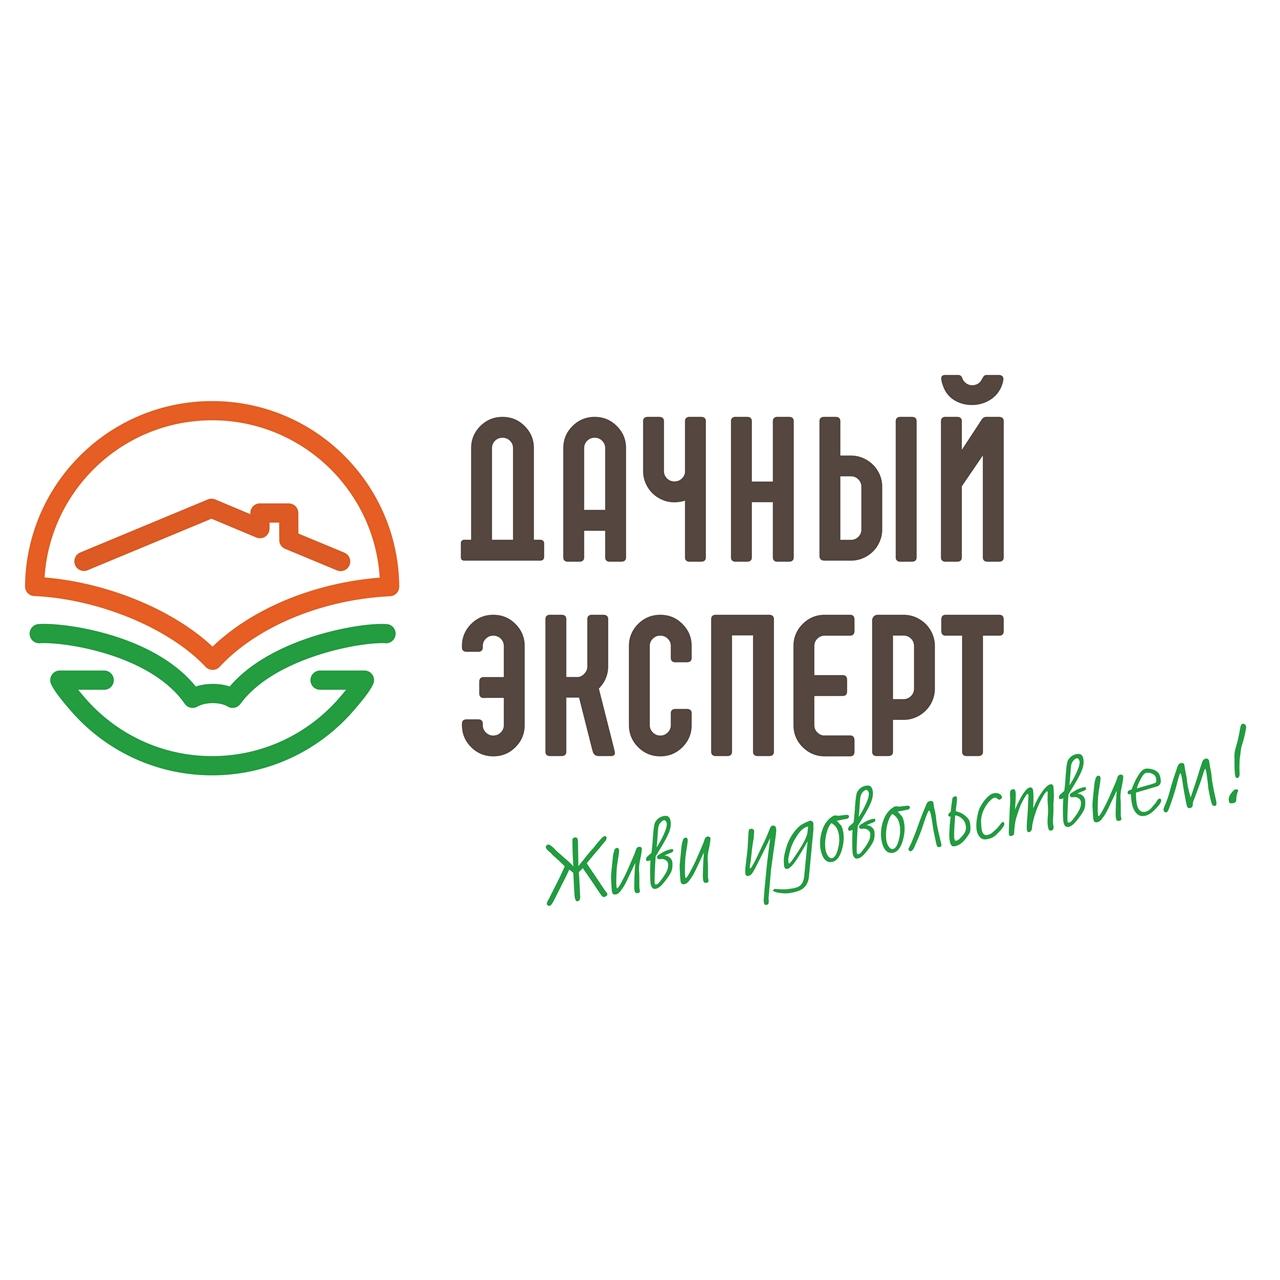 Вакансии екатеринбург район жби батайск завод жби